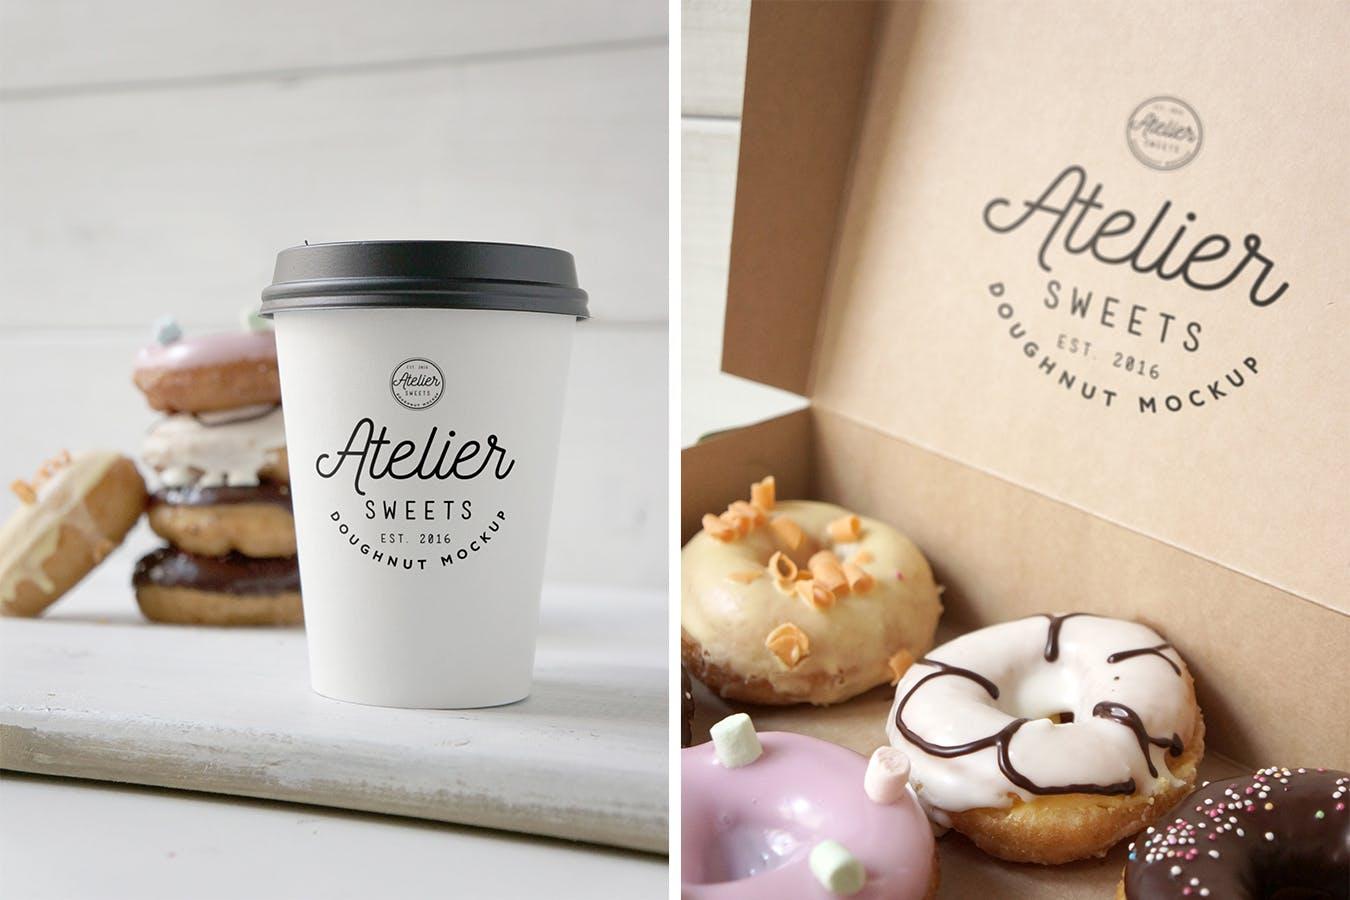 咖啡甜点样机模板展素材模板展示样机Coffee Doughnut Mockup